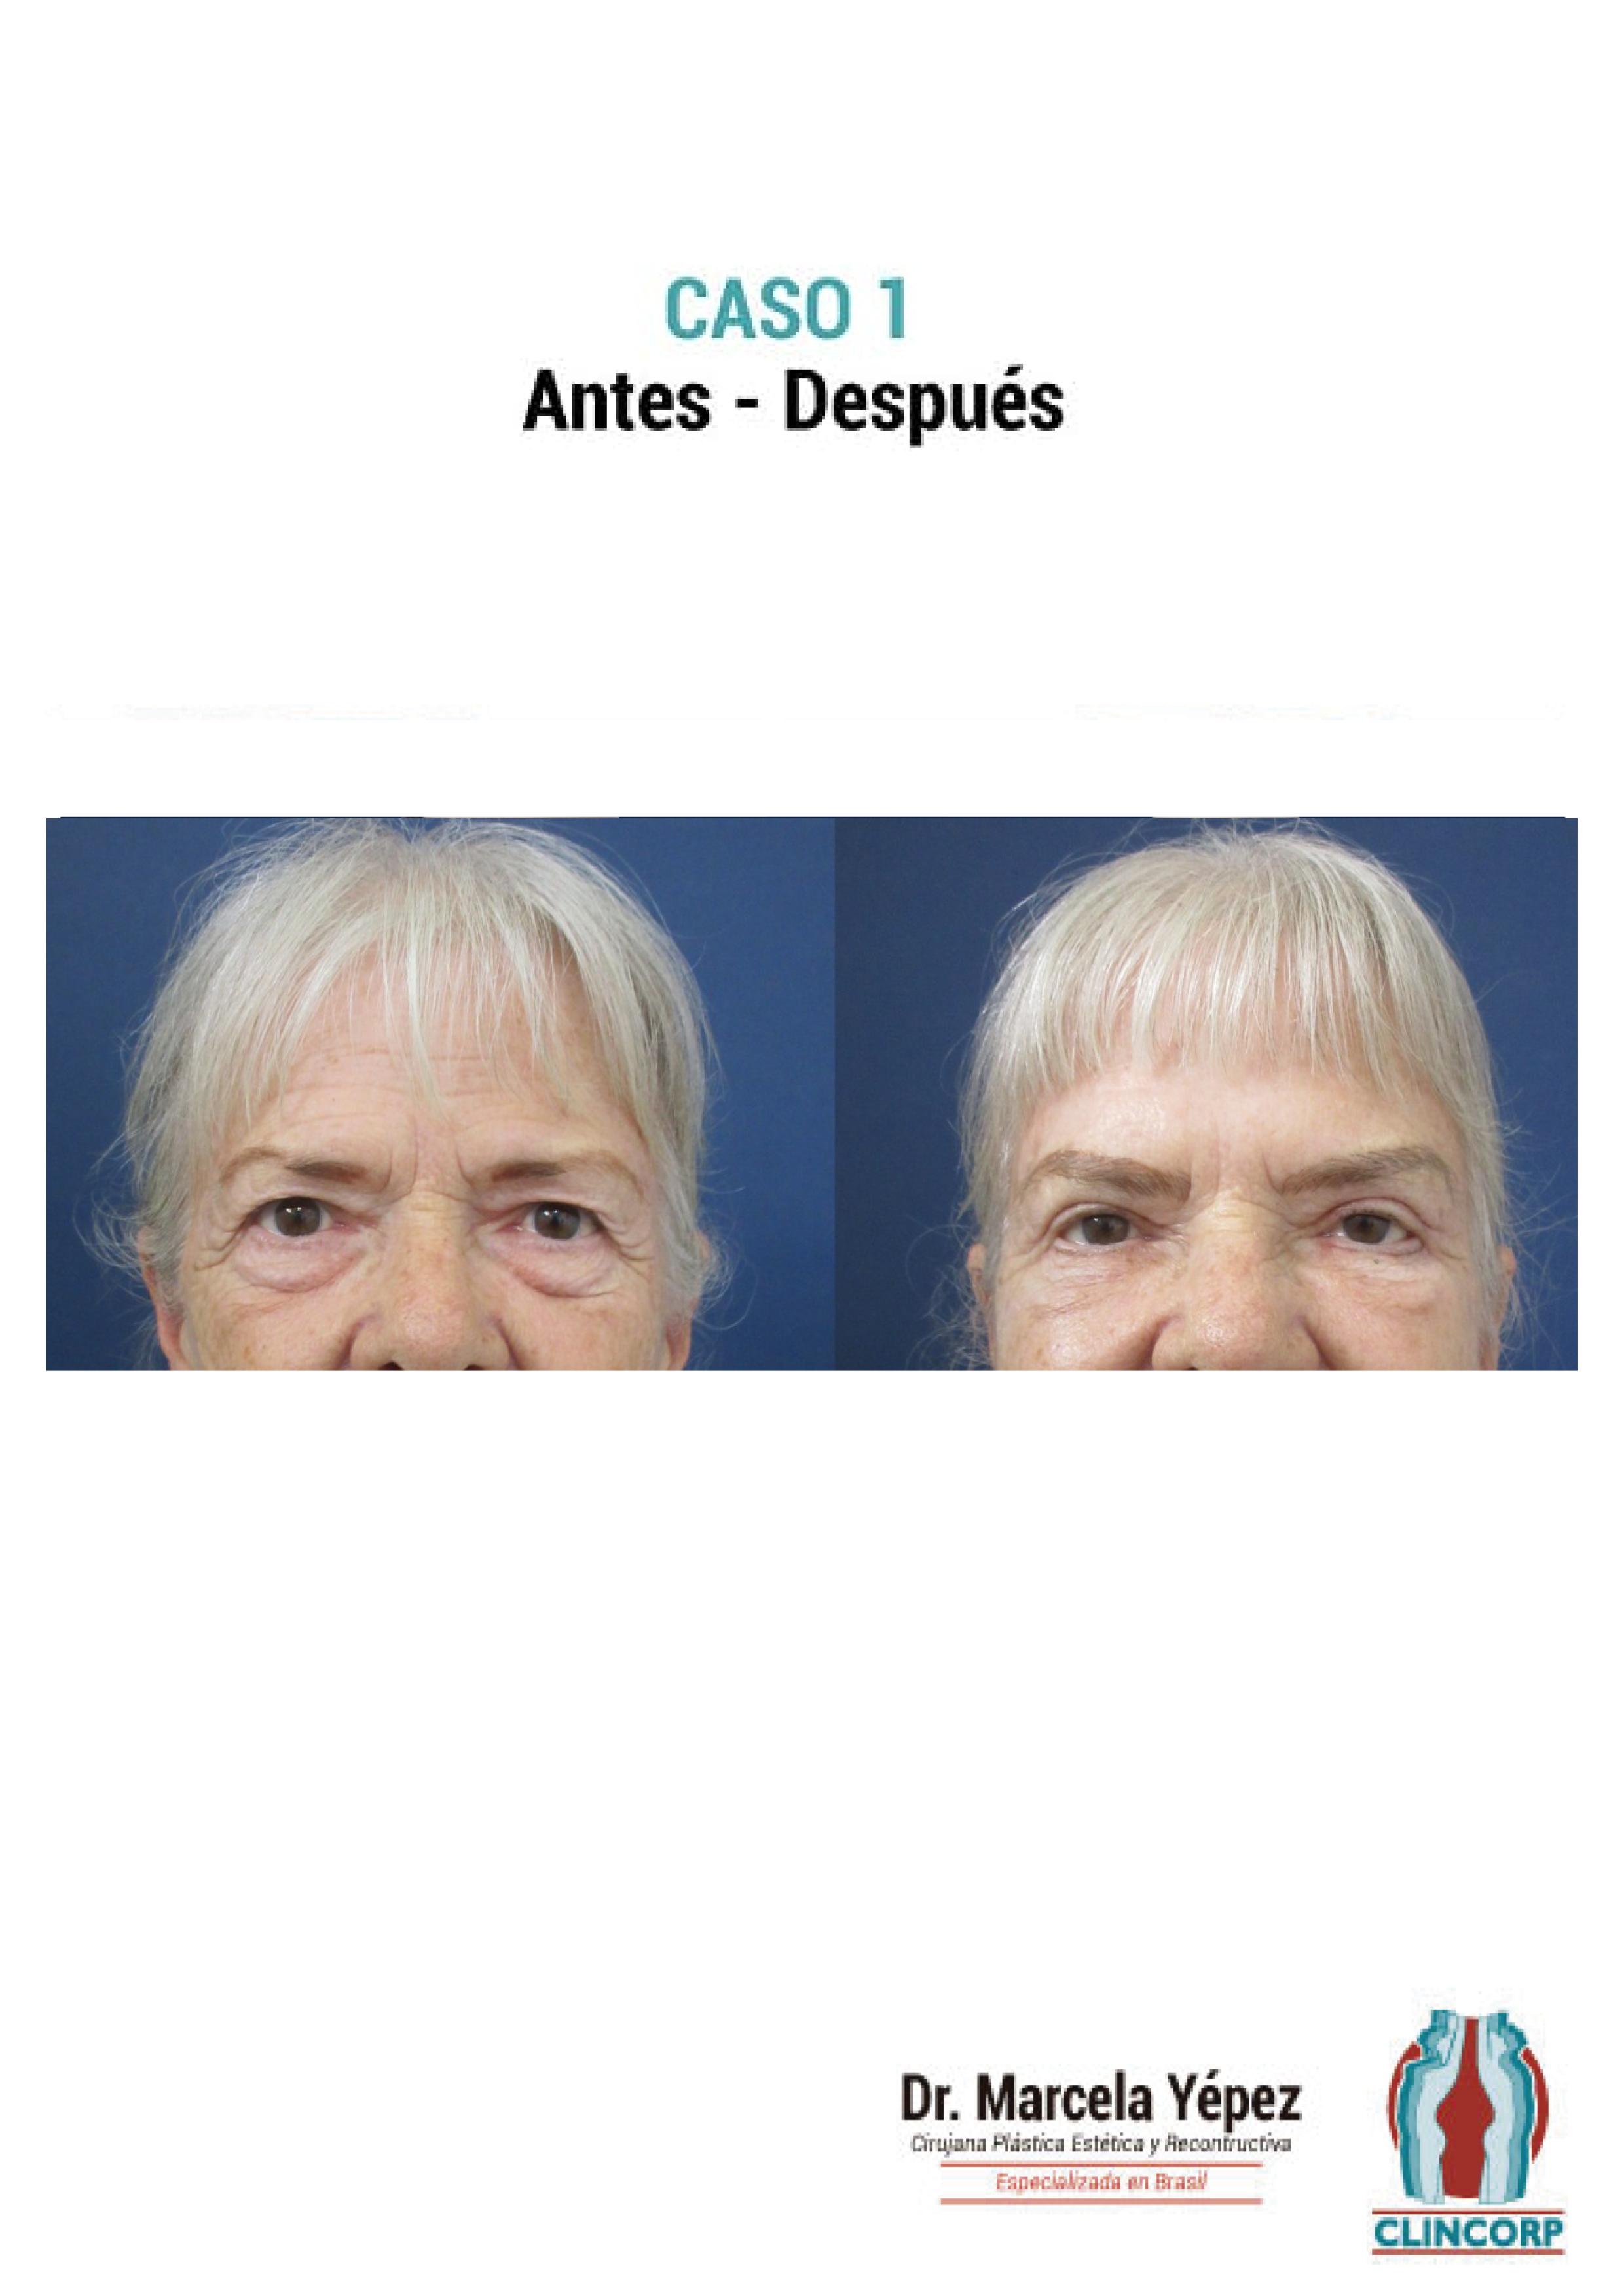 blefaroplastia-Caso1